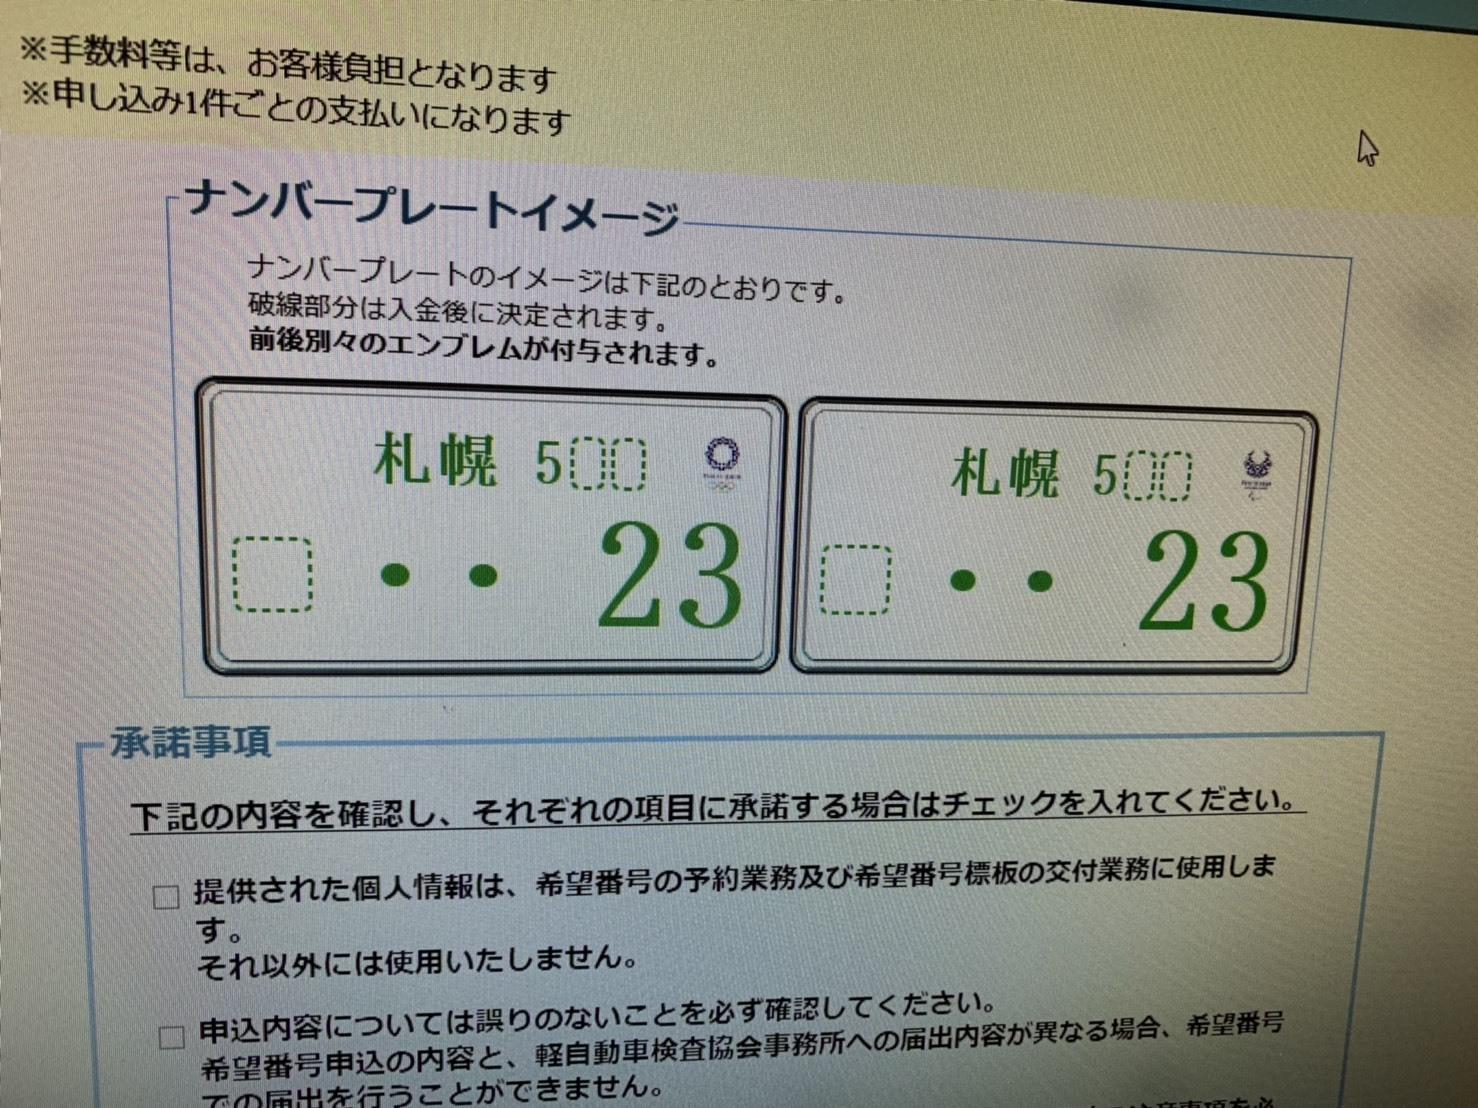 8月31日[土]本店ブログ☆ハマー K様納車!!決算セールやってます✊ランクル ハマー ベンツ♡TOMMY♡_b0127002_17054835.jpg